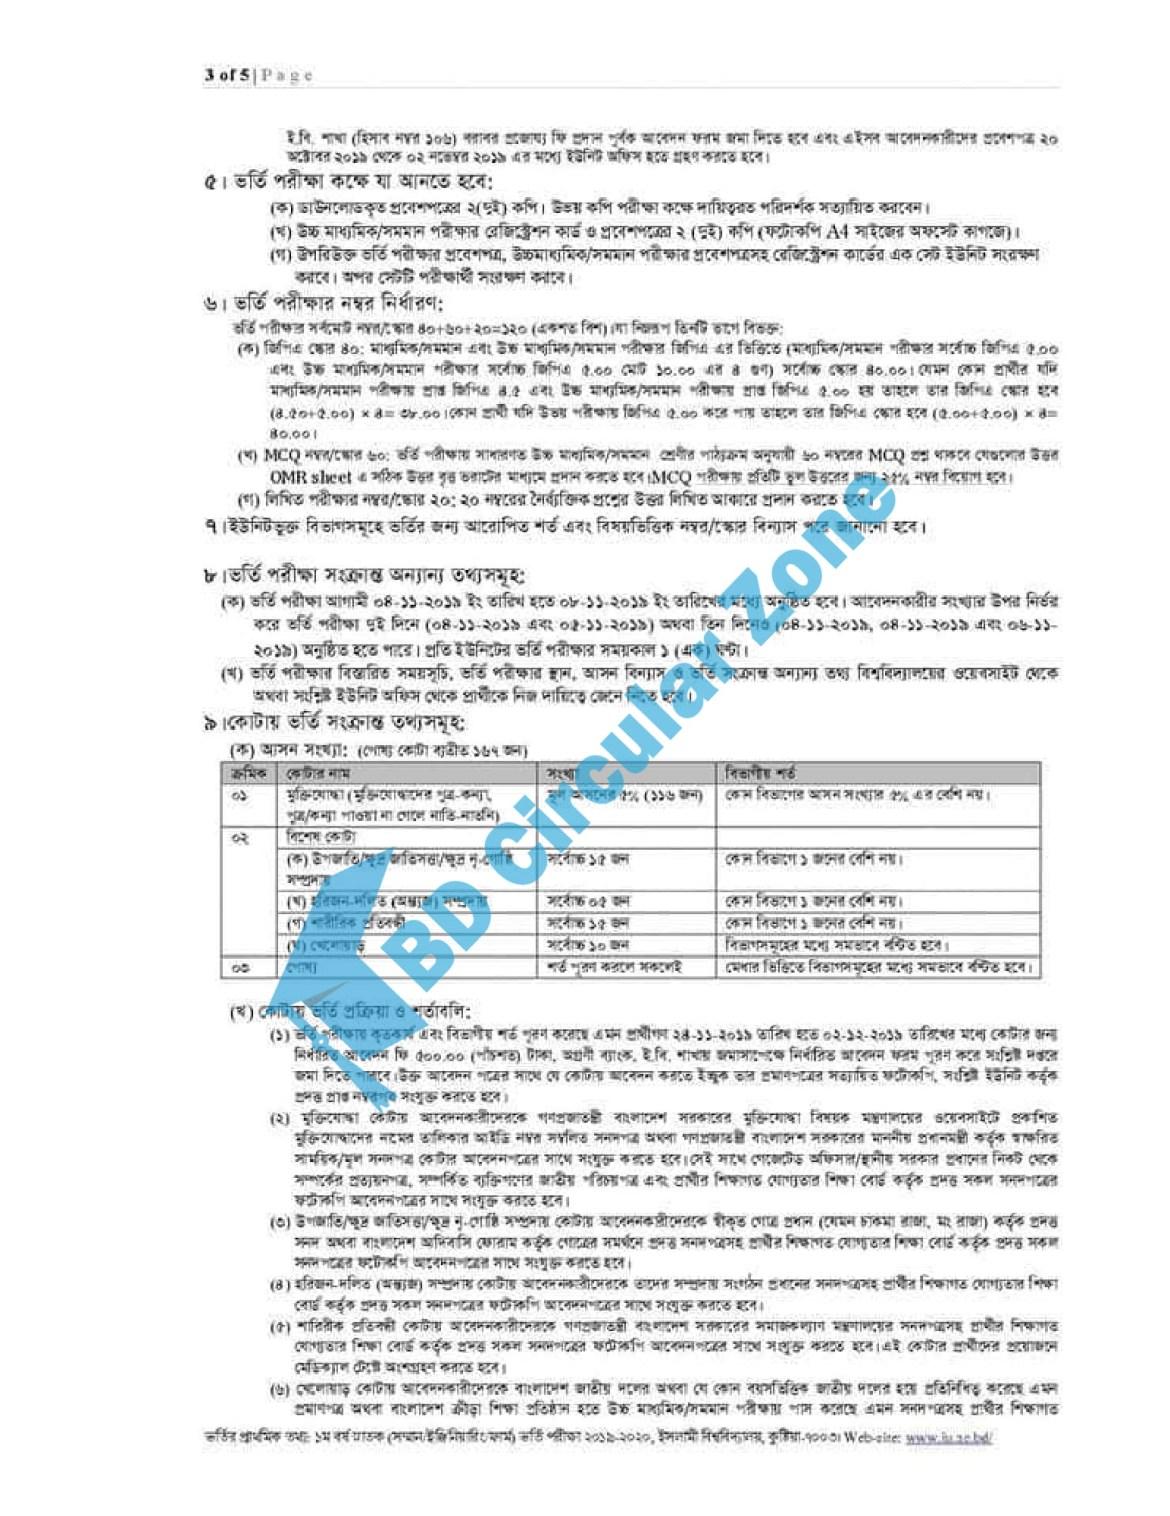 Iu admission Notice 2019-20